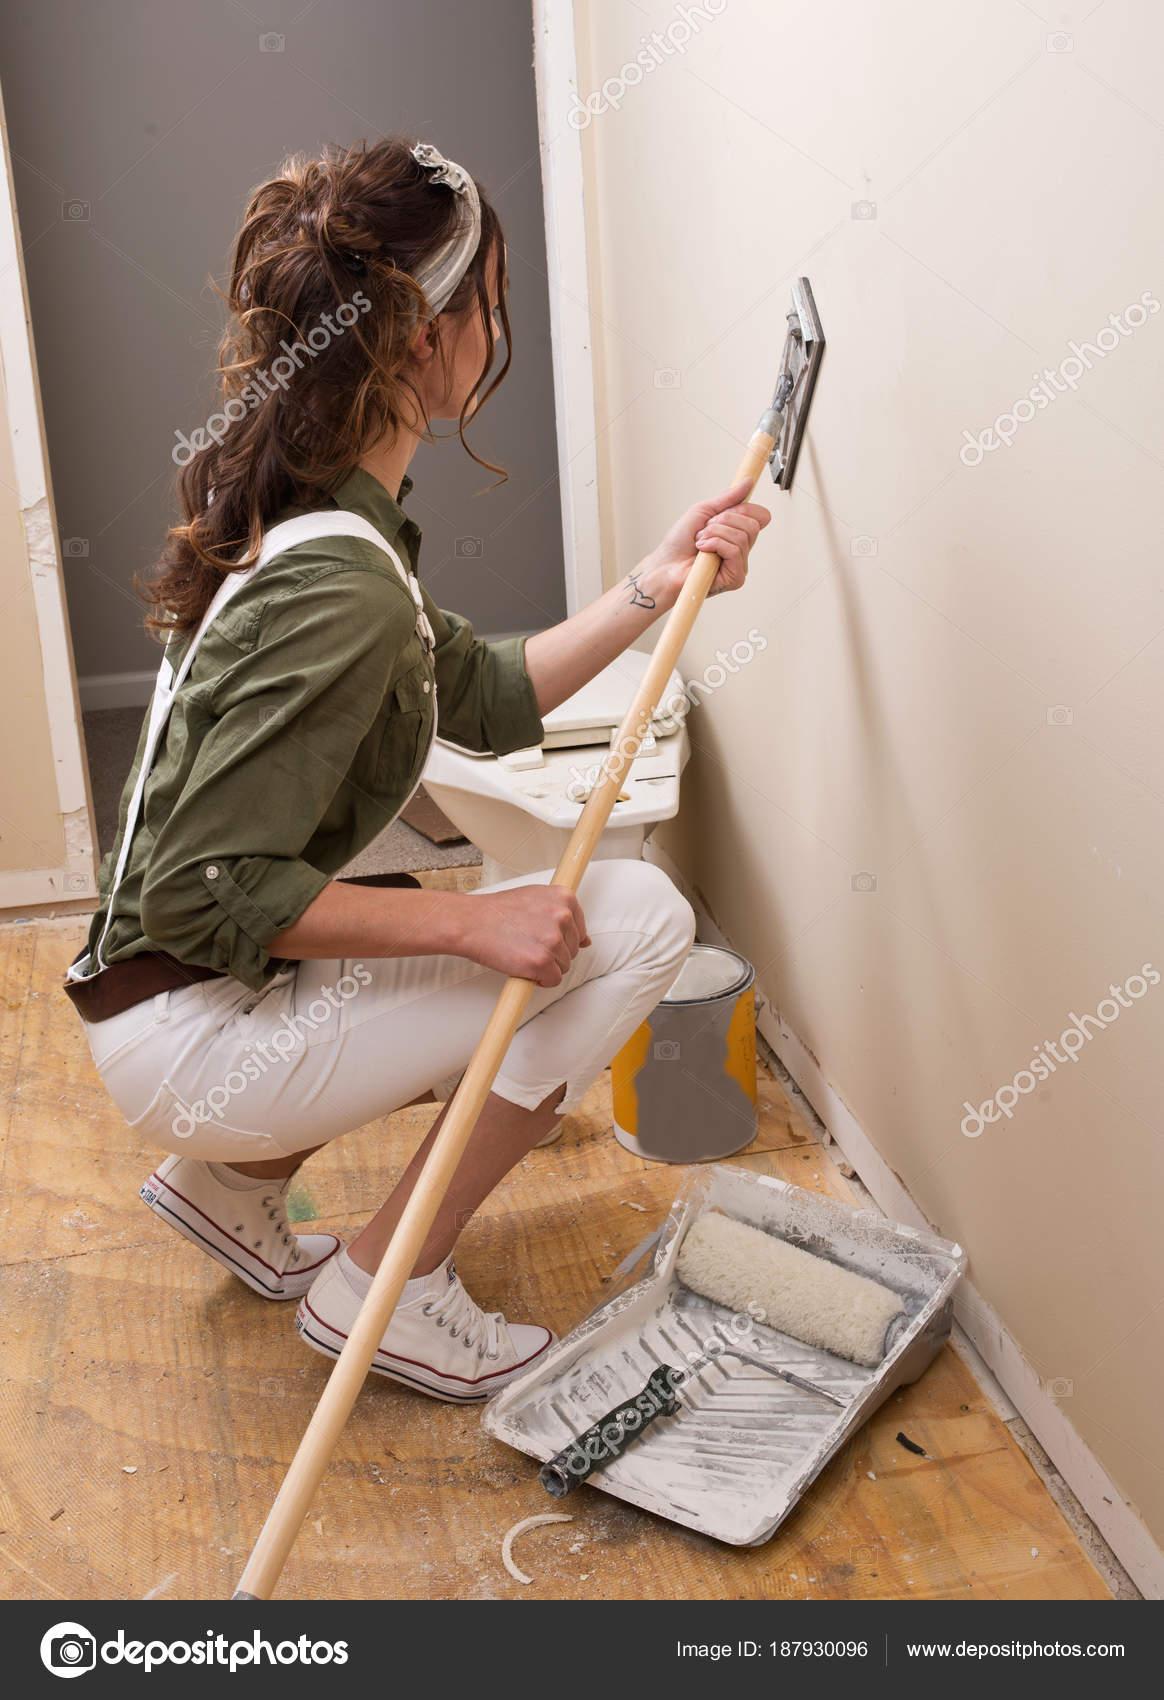 jeune femme est poncer mur avec ponceuse de poteau avant de peindre dans la maison sous le remodelage image de bjphotographs